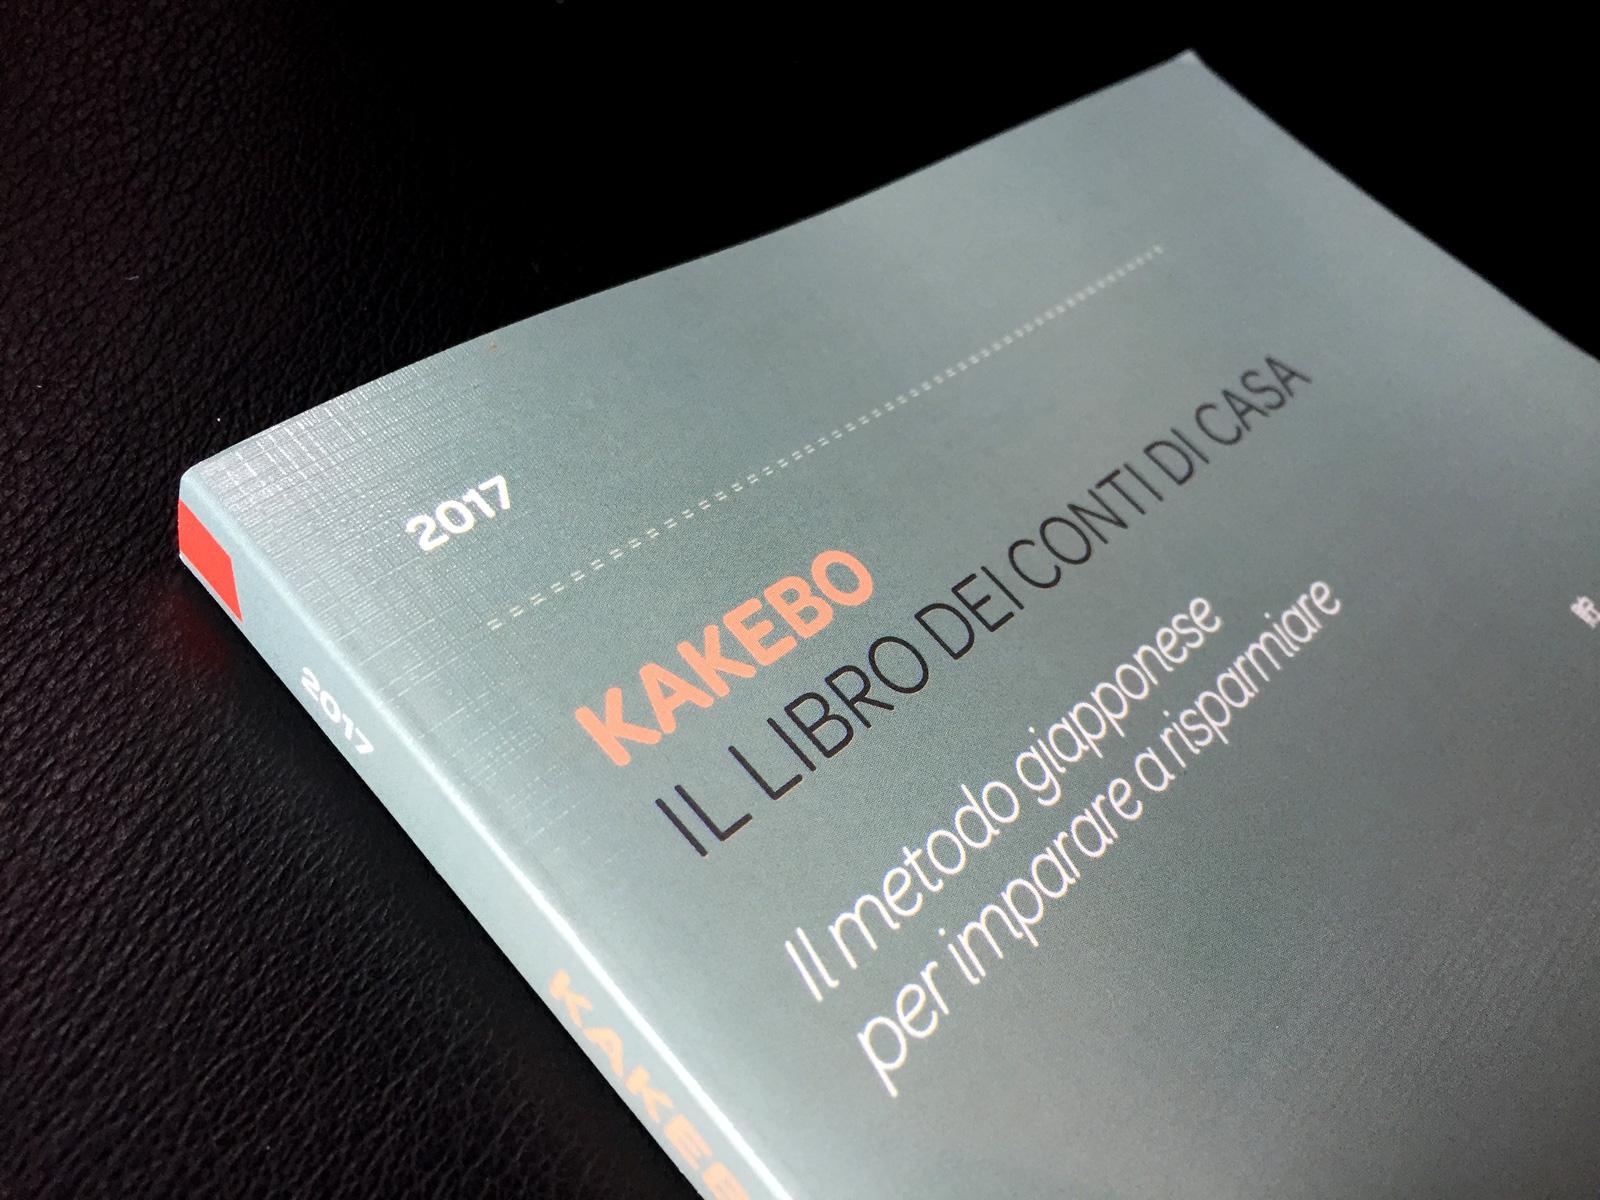 Come tracciare le spese e risparmiare: il Kakebo 2017